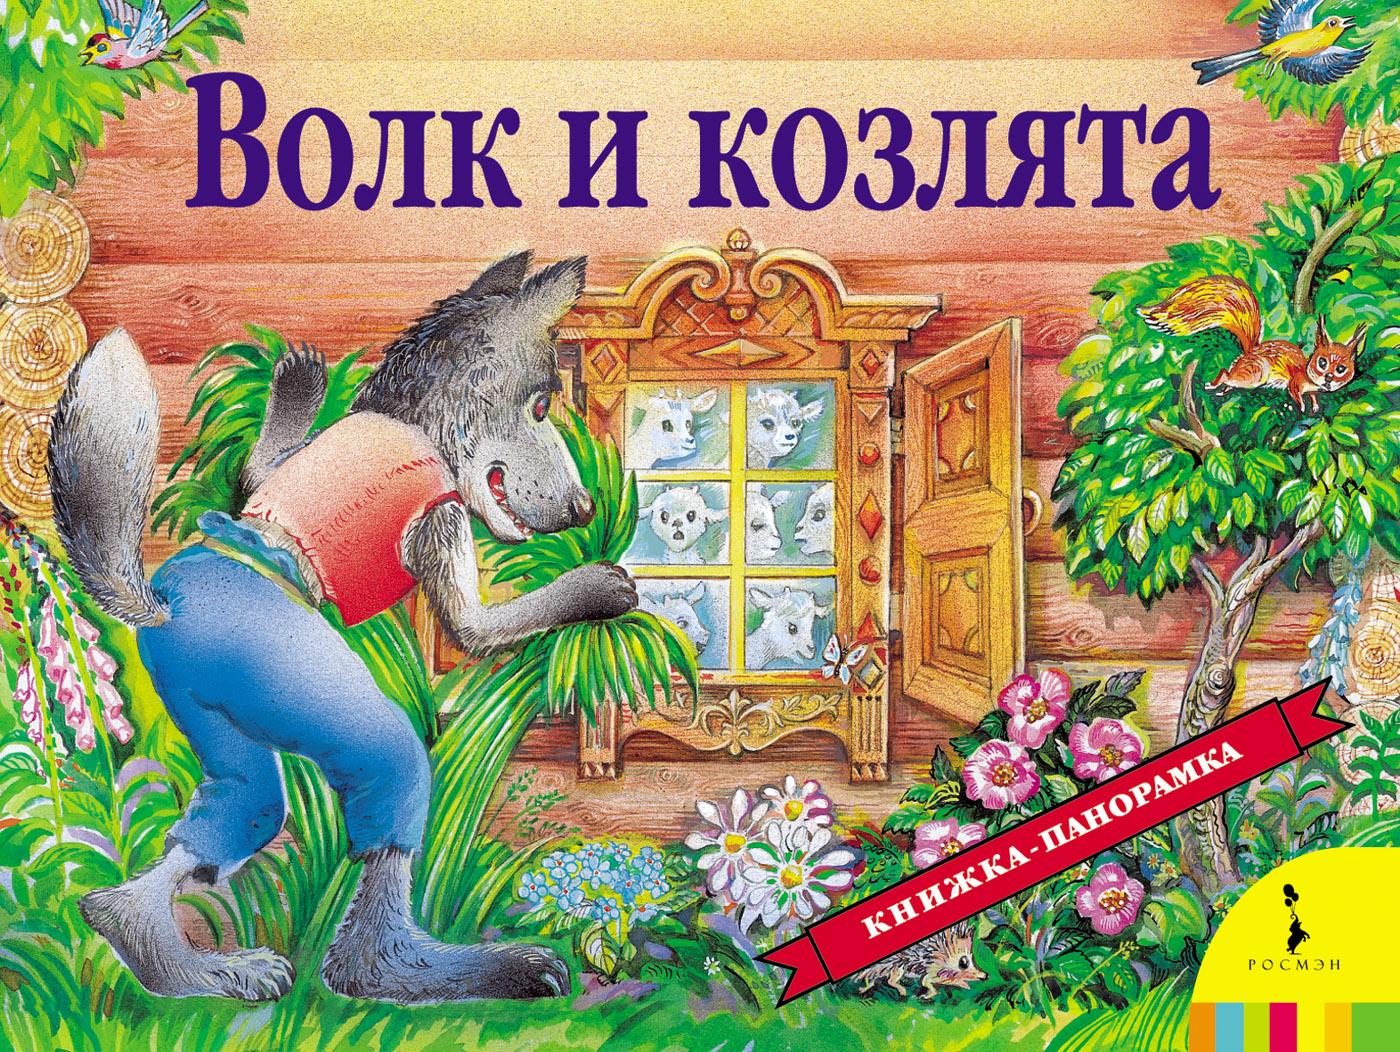 Купить со скидкой Книга-панорамка - Волк и козлята